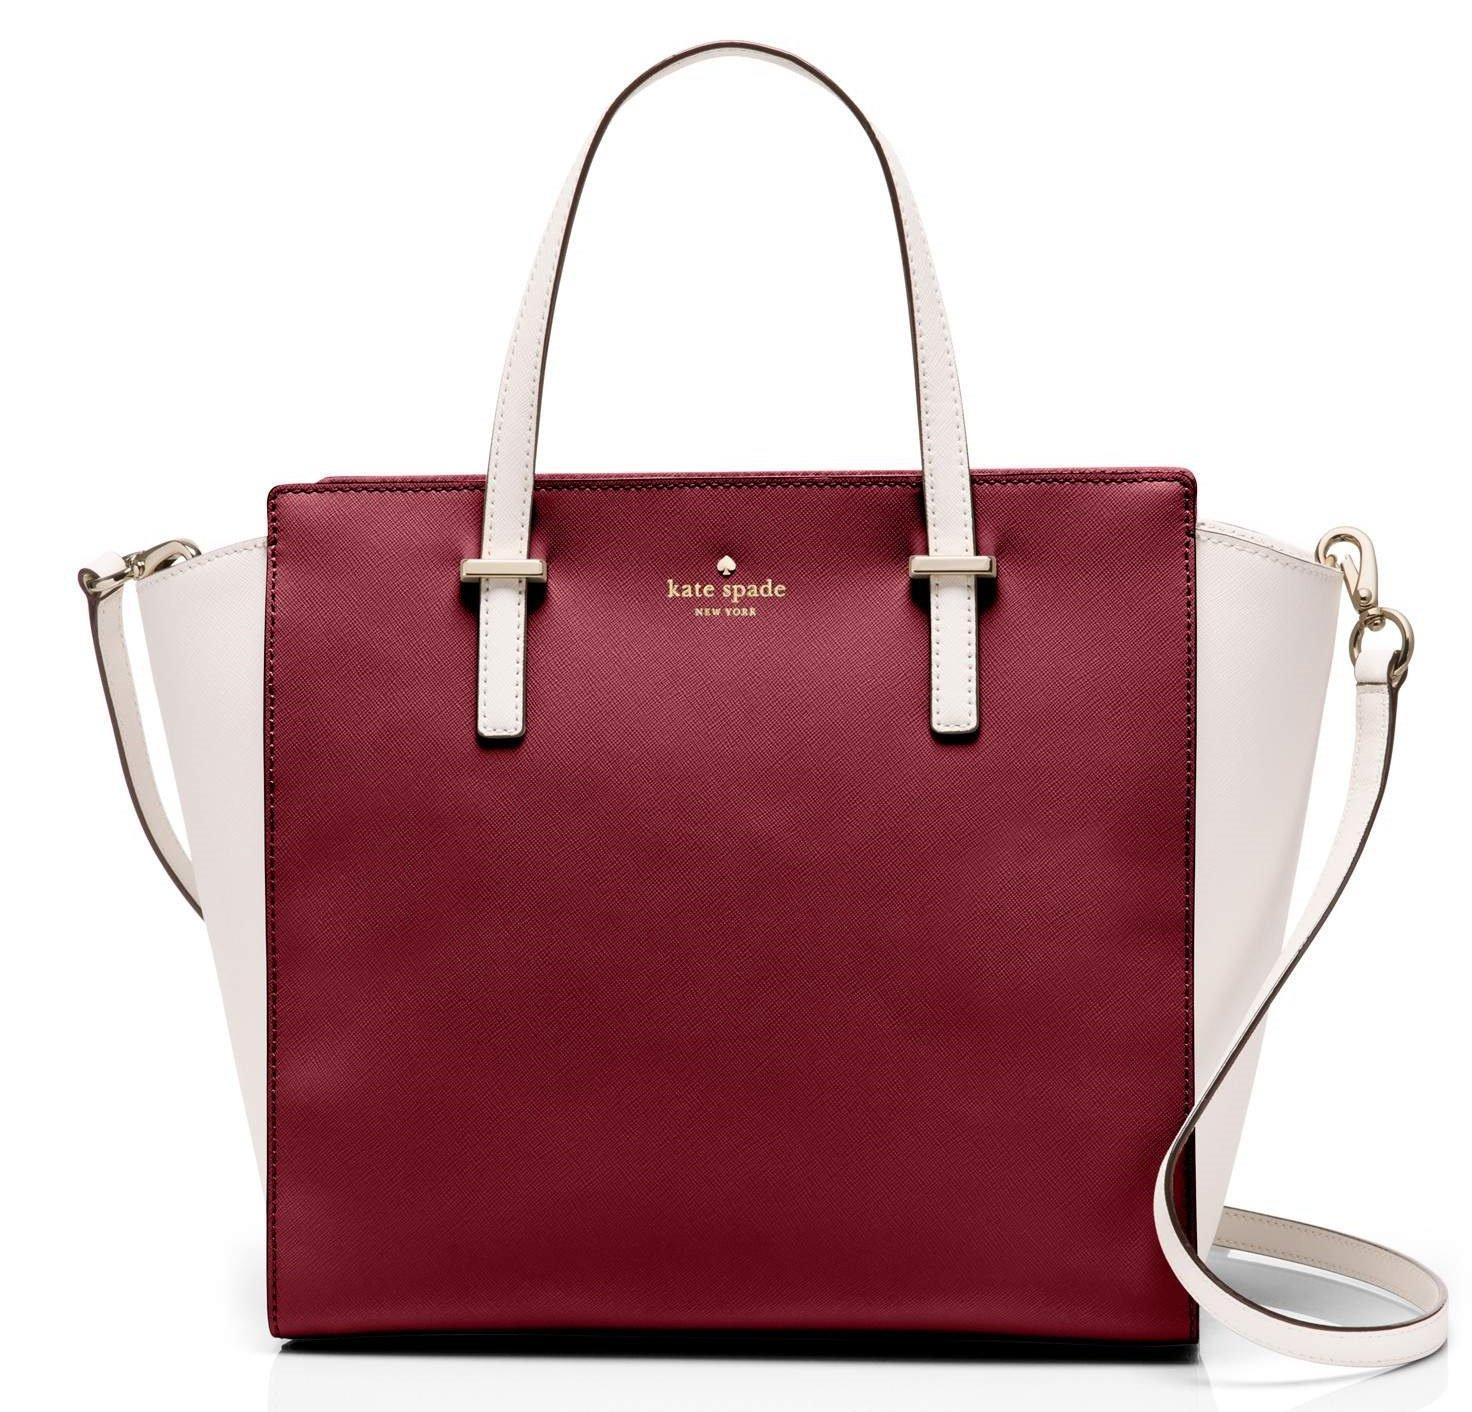 kate spade new york Cedar Street Hayden Top-Handle Bag (Crisp Linen/Merlot)